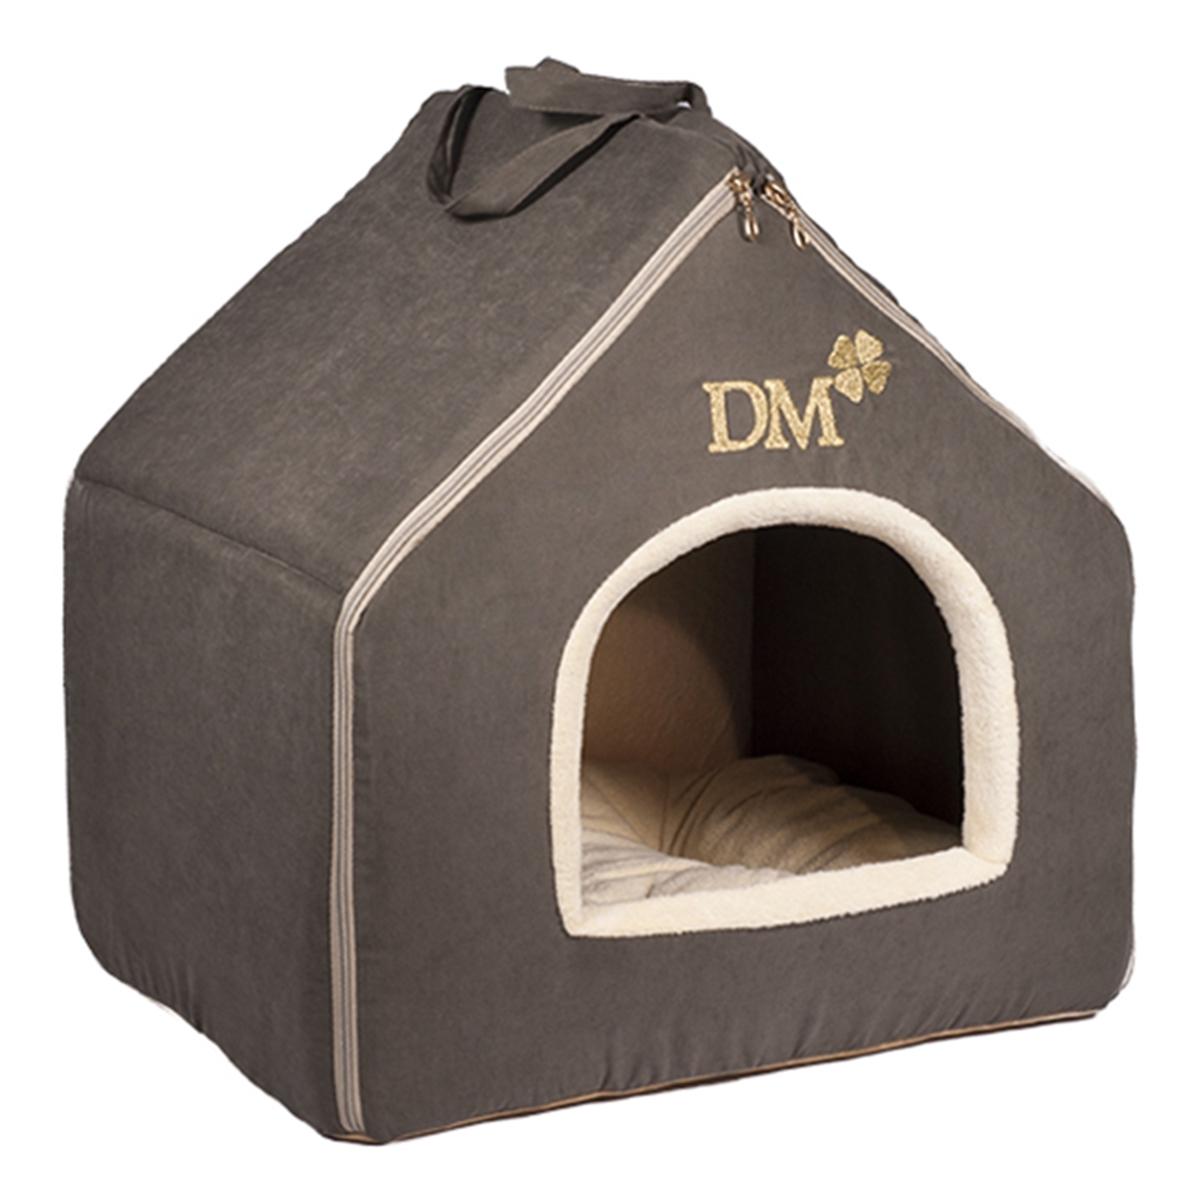 Домик-будка для животных Dogmoda Лофт, цвет: темно-серый, бежевый, 45 х 45 х 37 смDM-150356Домик-будка Dogmoda Лофт непременно станет любимым местом отдыха вашего домашнего животного. Изделие выполнено из высококачественного полиэстера и хлопка. Наполнитель - поролон и холлофайбер. В таком домике вашему любимцу будет мягко и тепло. Он даст вашему питомцу ощущение уюта и уединенности, а также возможность спрятаться. Изделие оснащено съемной мягкой подстилкой. Домик легко разбирается и собирается при помощи застежек-молний. Размер домика: 45 х 45 х 37 см.